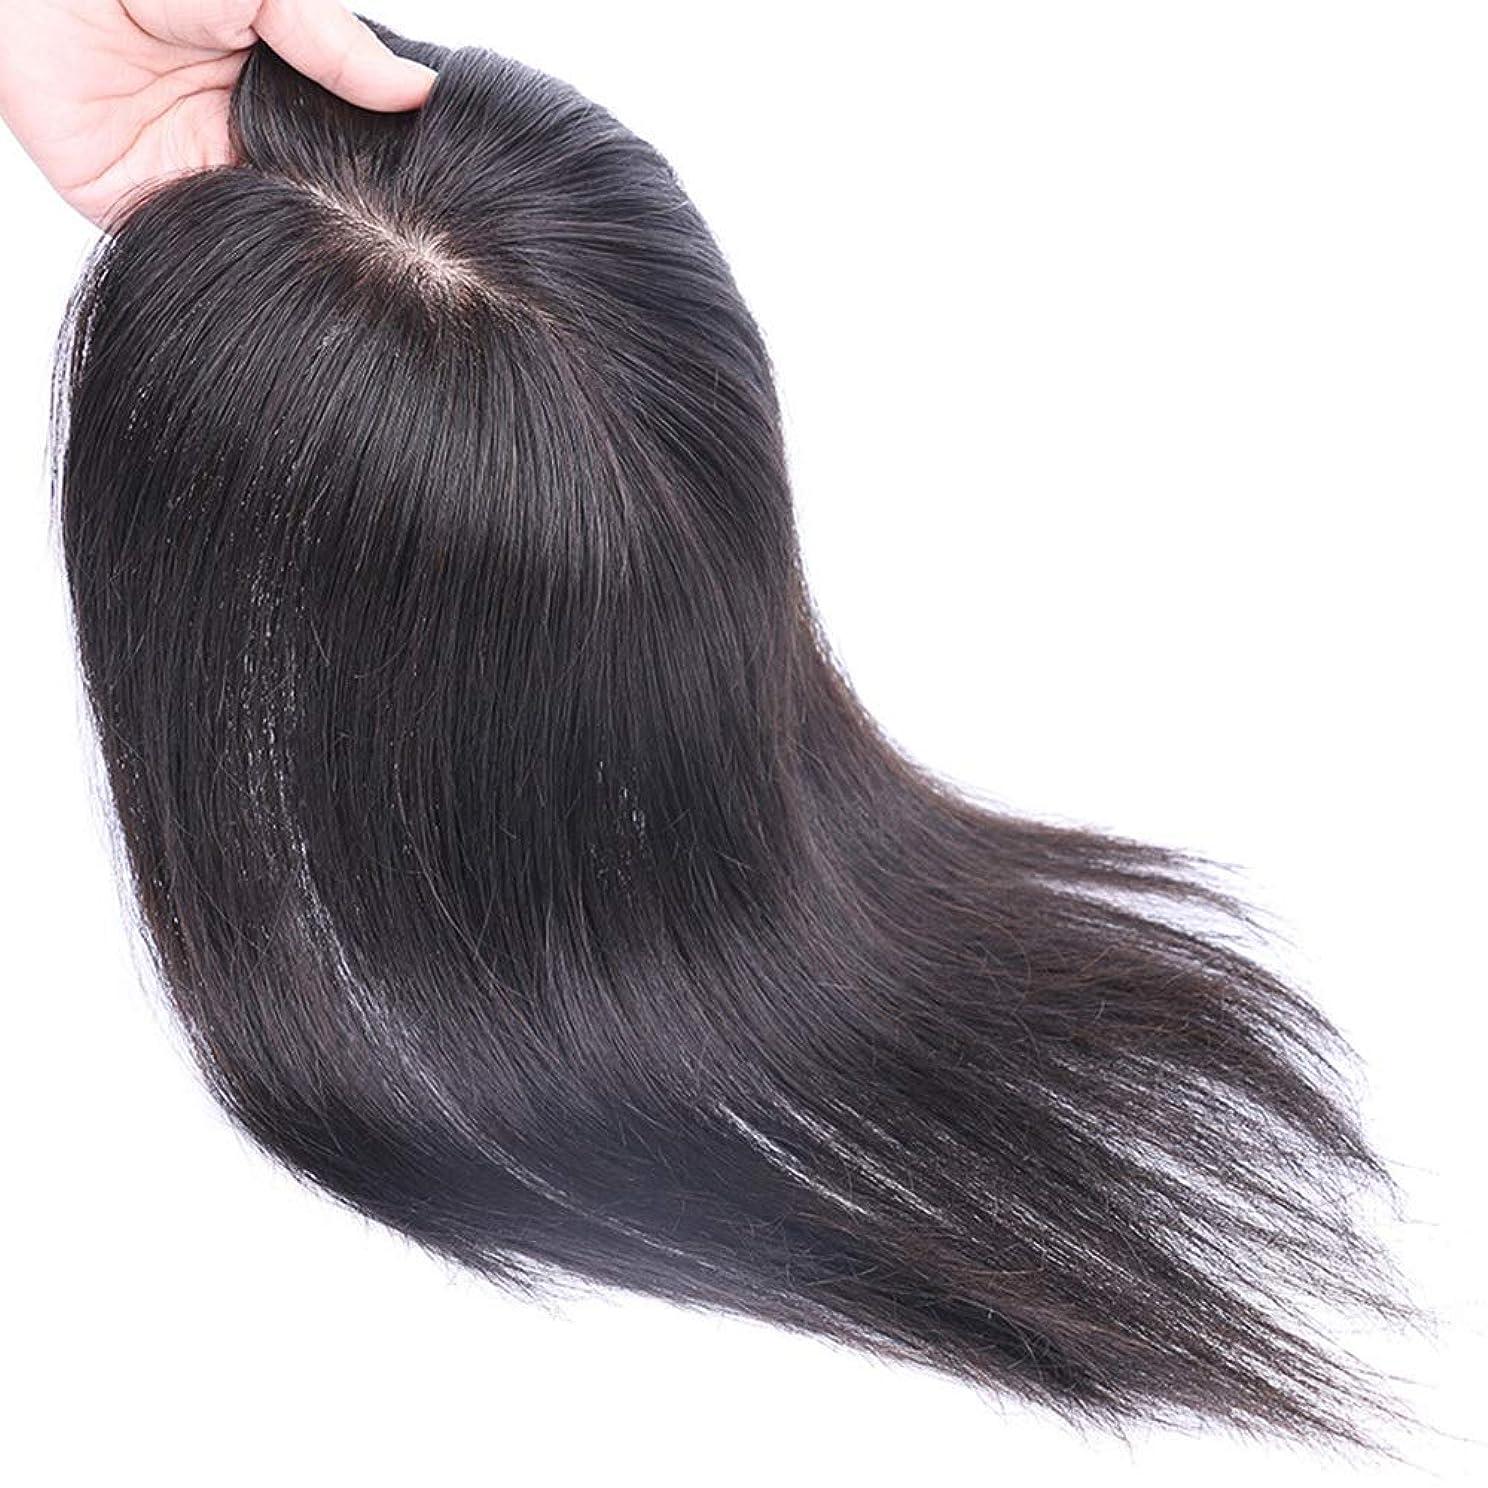 リスト多くの危険がある状況相談するHOHYLLYA 本物の髪の多方向スリットウィッグパーティーかつらで女性の長いストレートヘアハンドニードルナチュラルクリップ (色 : [9x14] natural black 20cm)